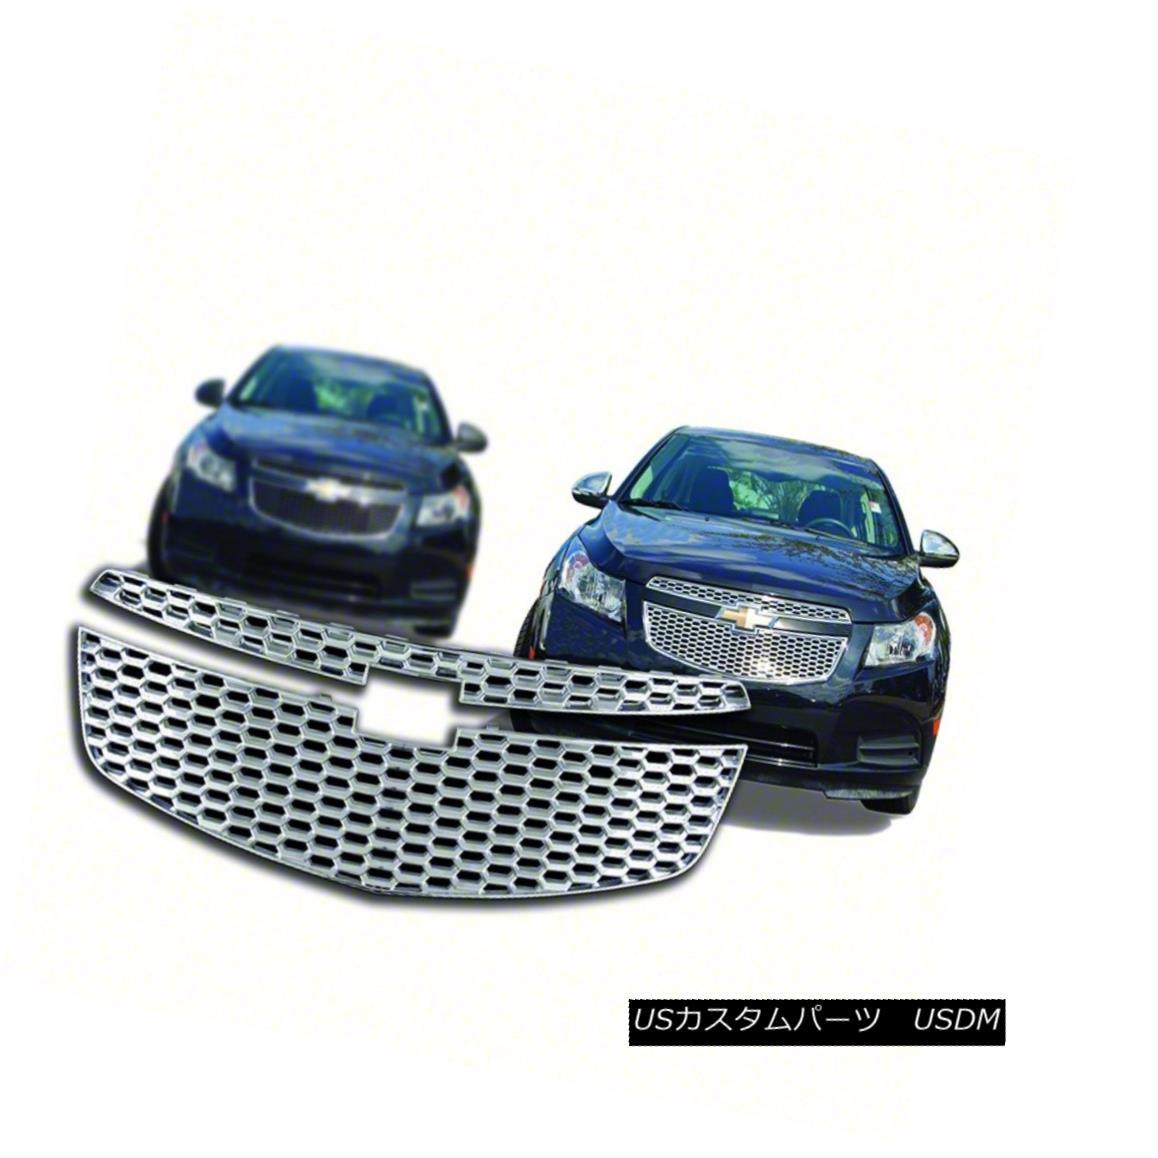 グリル Fits 2013 Chevrolet Malibu Chrome Grille Overlay (2pc) IWCGI107 2013シボレーマリブクロームグリルオーバーレイ(2pc)に適合IWCGI107